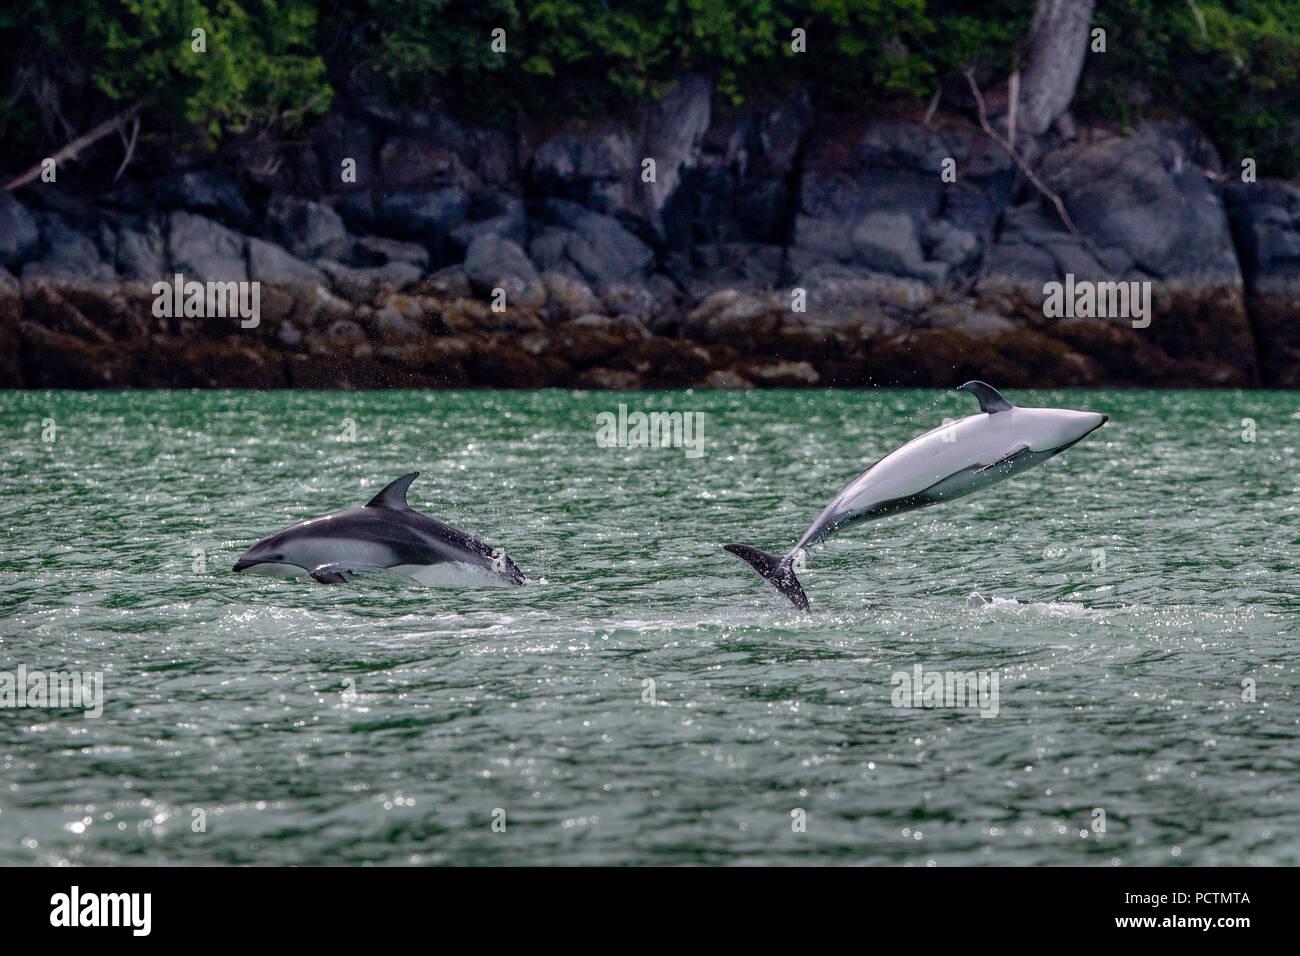 2 cara blanca del Pacífico delfines saltando cerca de la costa en el Knight Inlet, Territorio de las Primeras Naciones, British Columbia, Canadá. Foto de stock